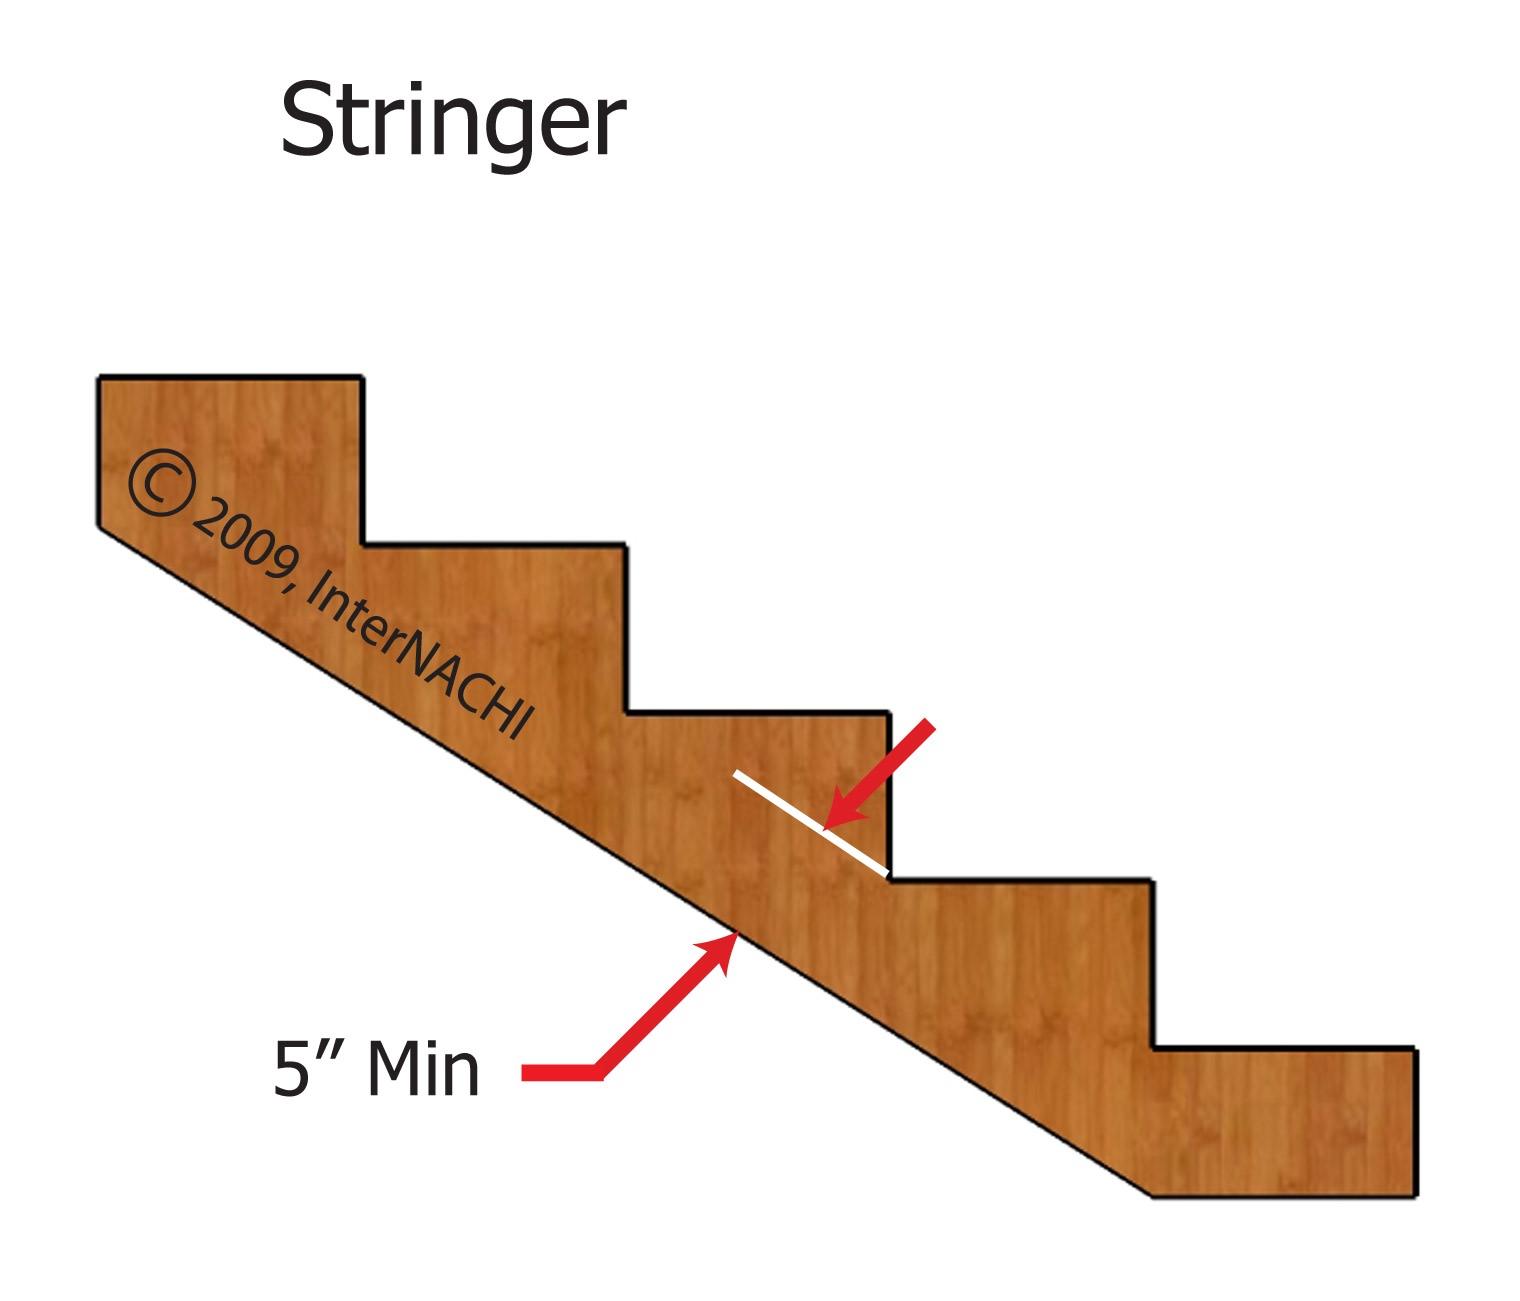 Stringer.